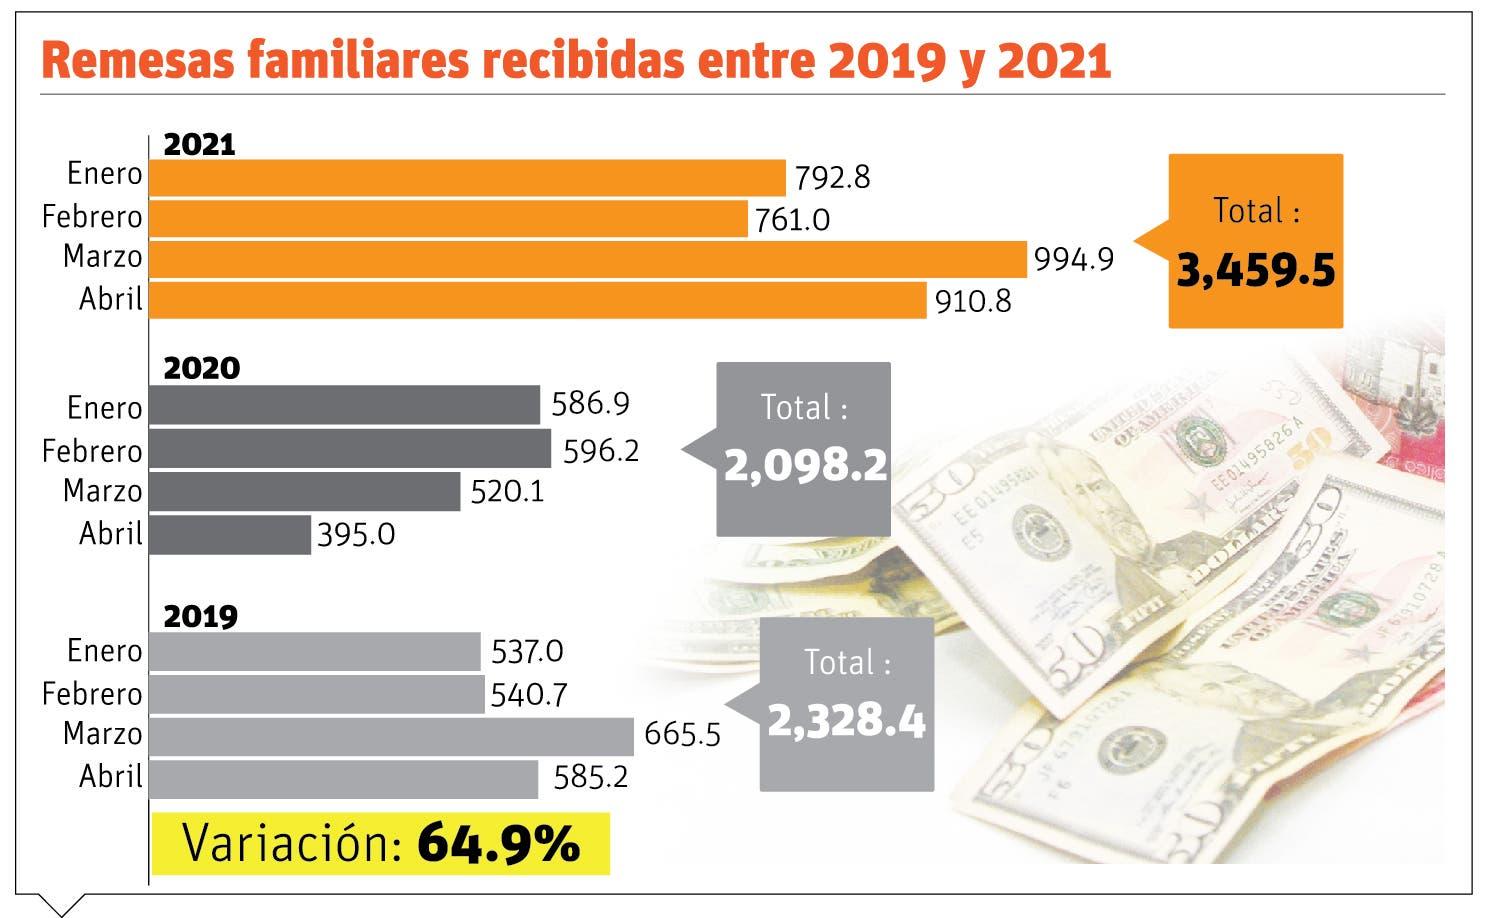 Remesas aumentaron 64.9% en el primer cuatrimestre